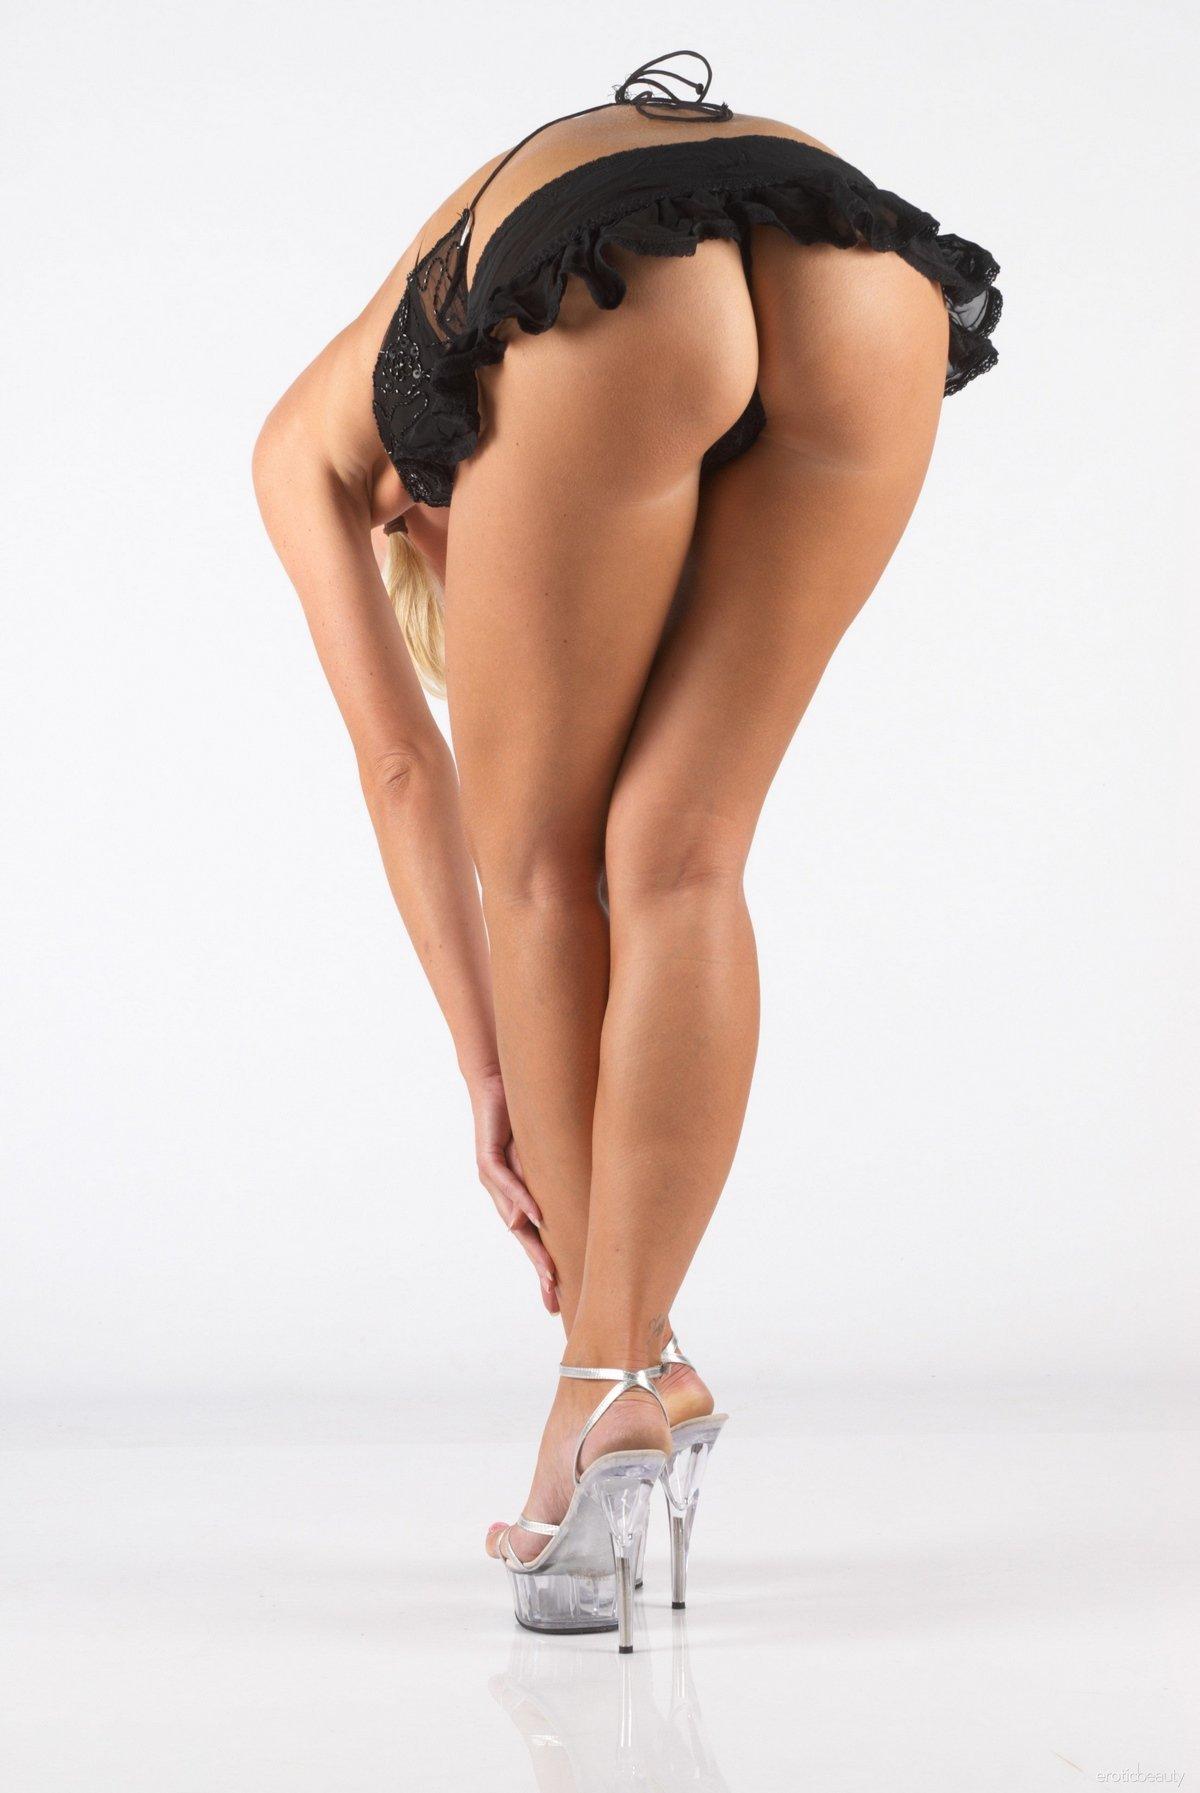 Модель в эротичном наряде позирует в студии